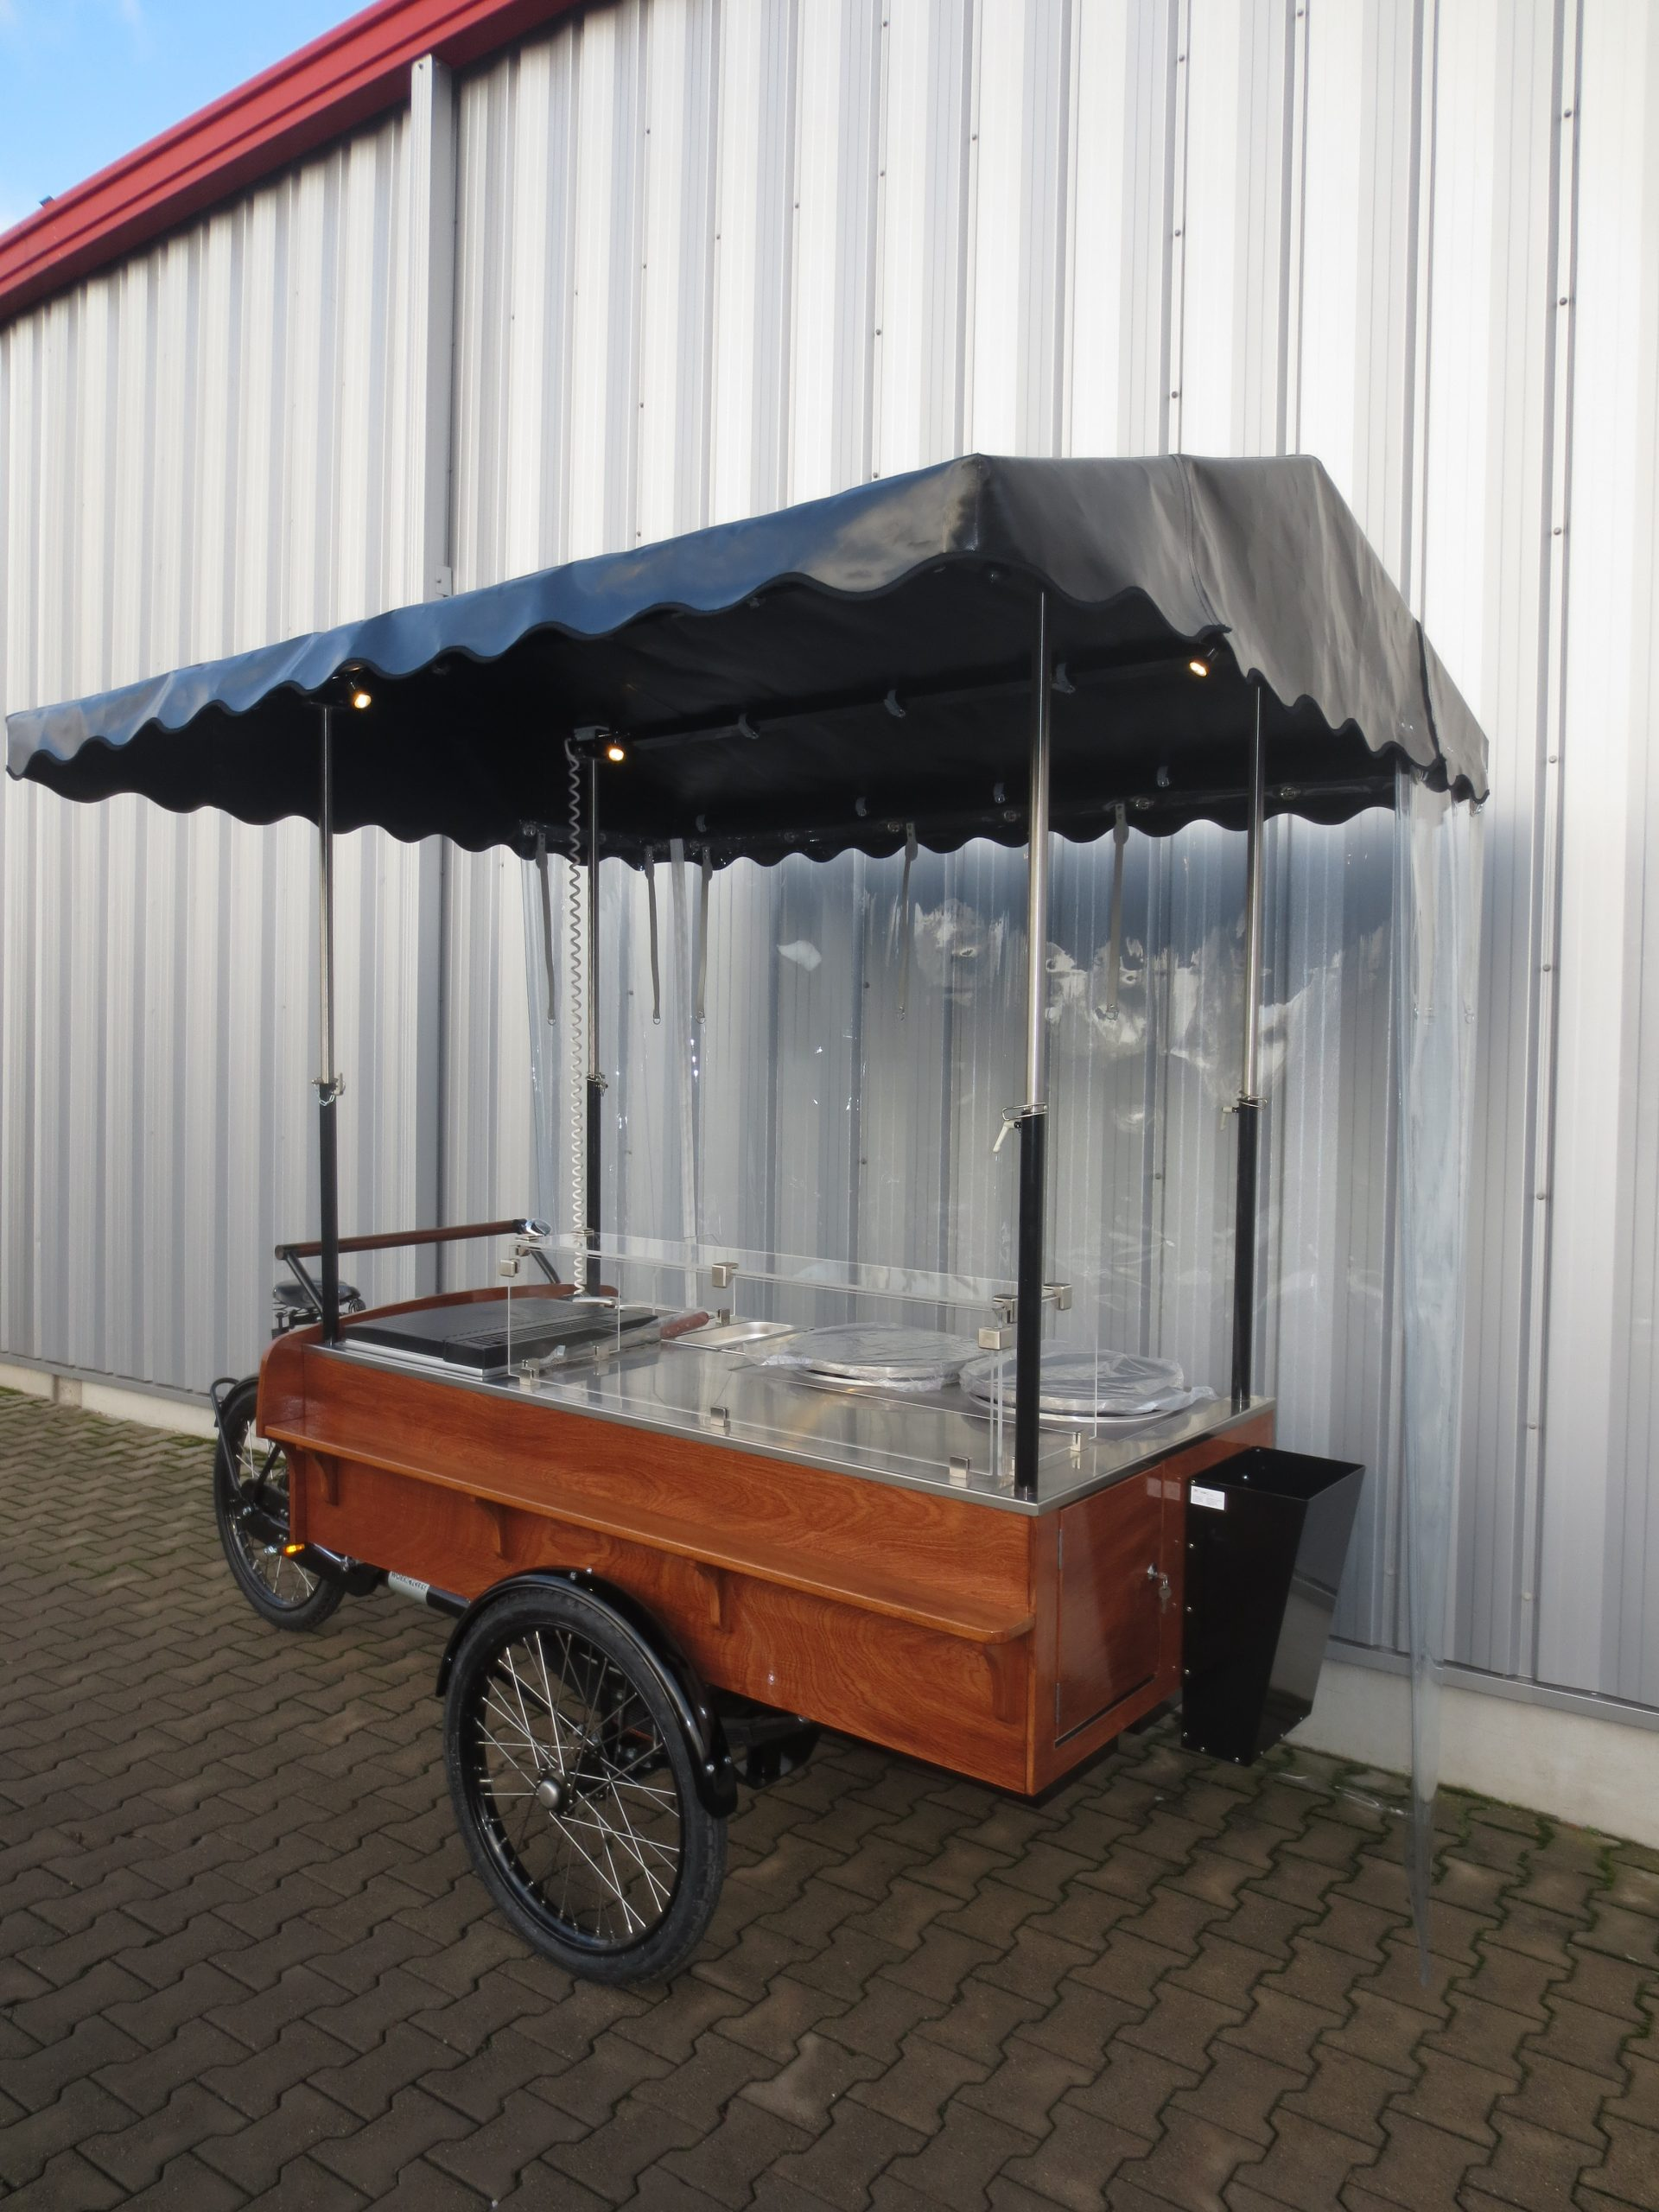 Eiswagen Eisstand Eis Verkaufswagen Verkaufsstand Eismobil